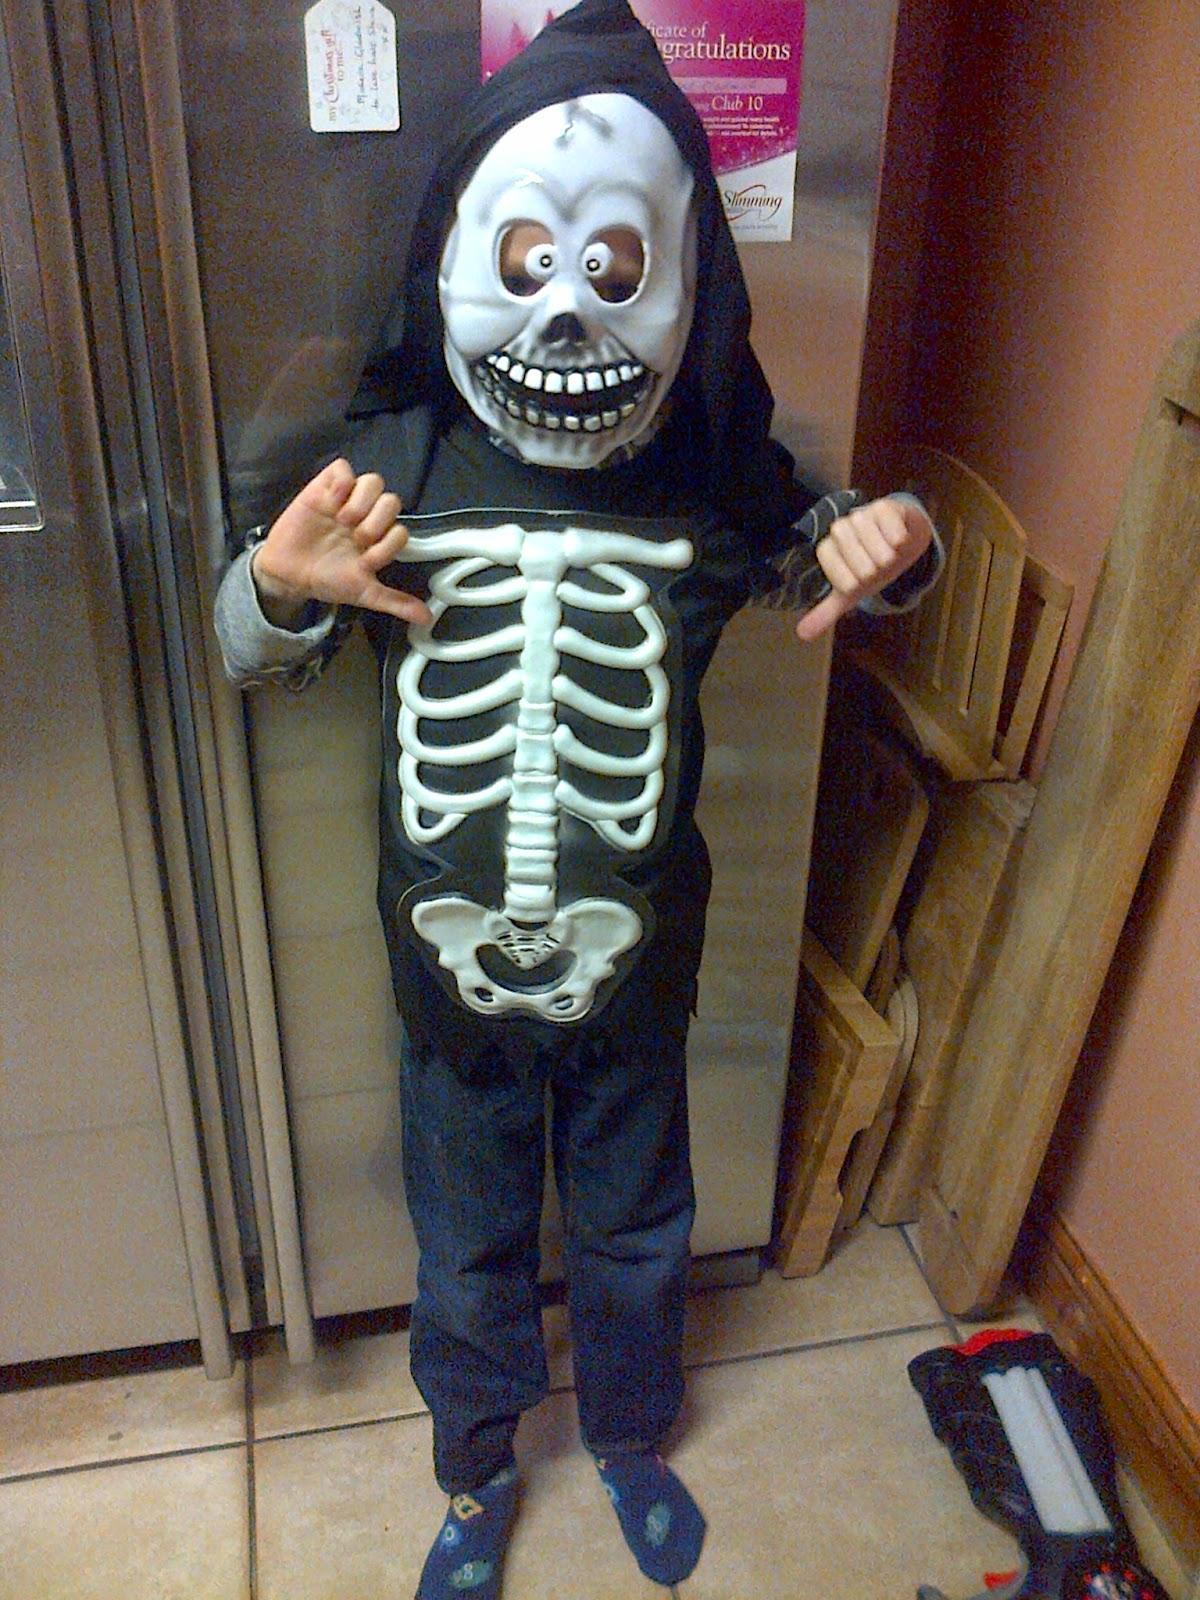 http://2.bp.blogspot.com/-TzTCz2fMwIU/VFj--MBTrcI/AAAAAAAAEqs/AN53hNqK-_E/s1600/Bruce_Halloween.jpg